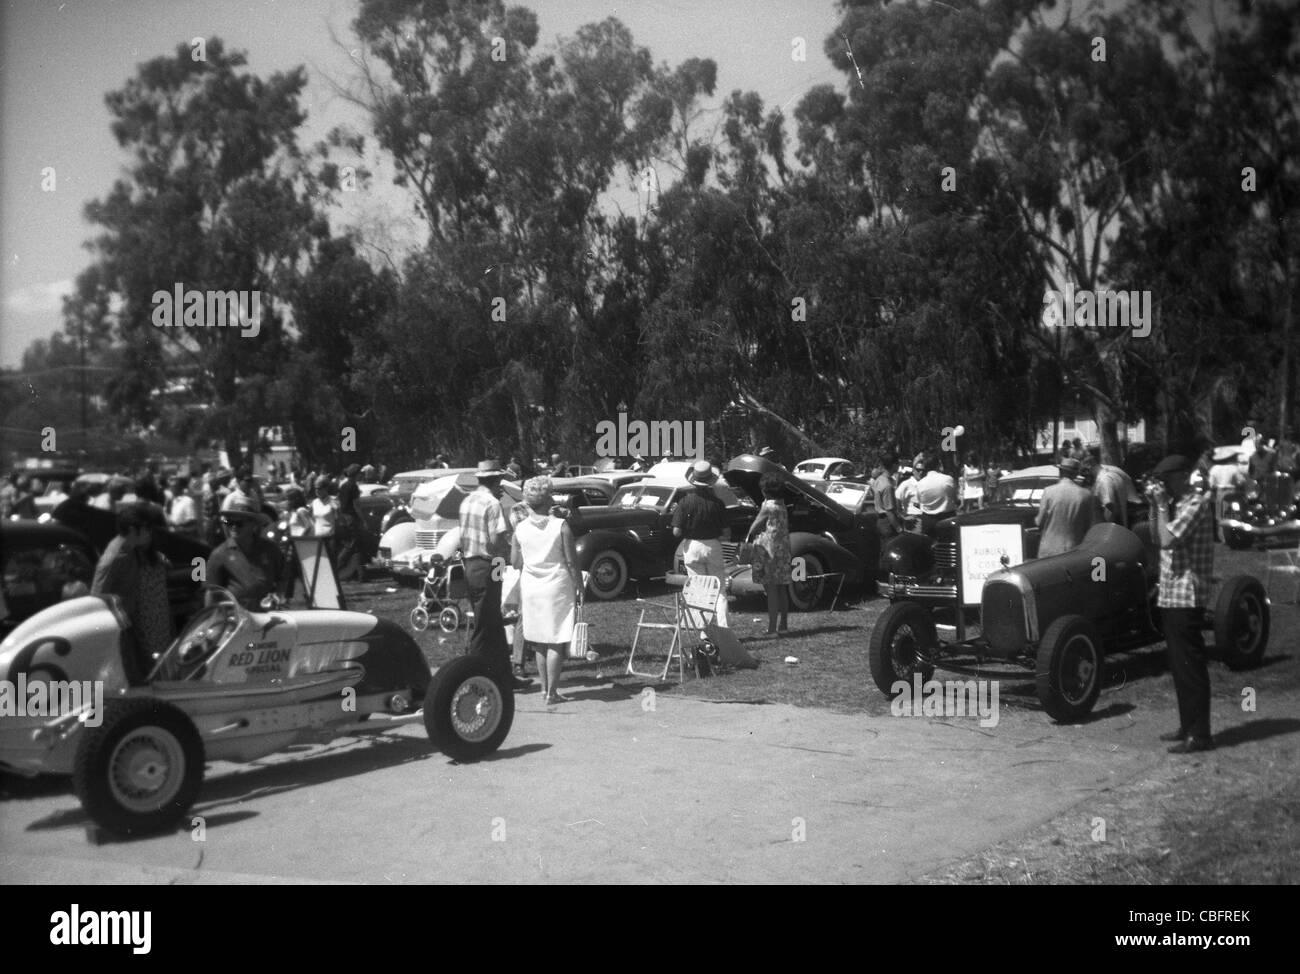 1960er Jahre Auto Show südlichen Kalifornien Rennen Autos Sportwagen geparkt Stockbild